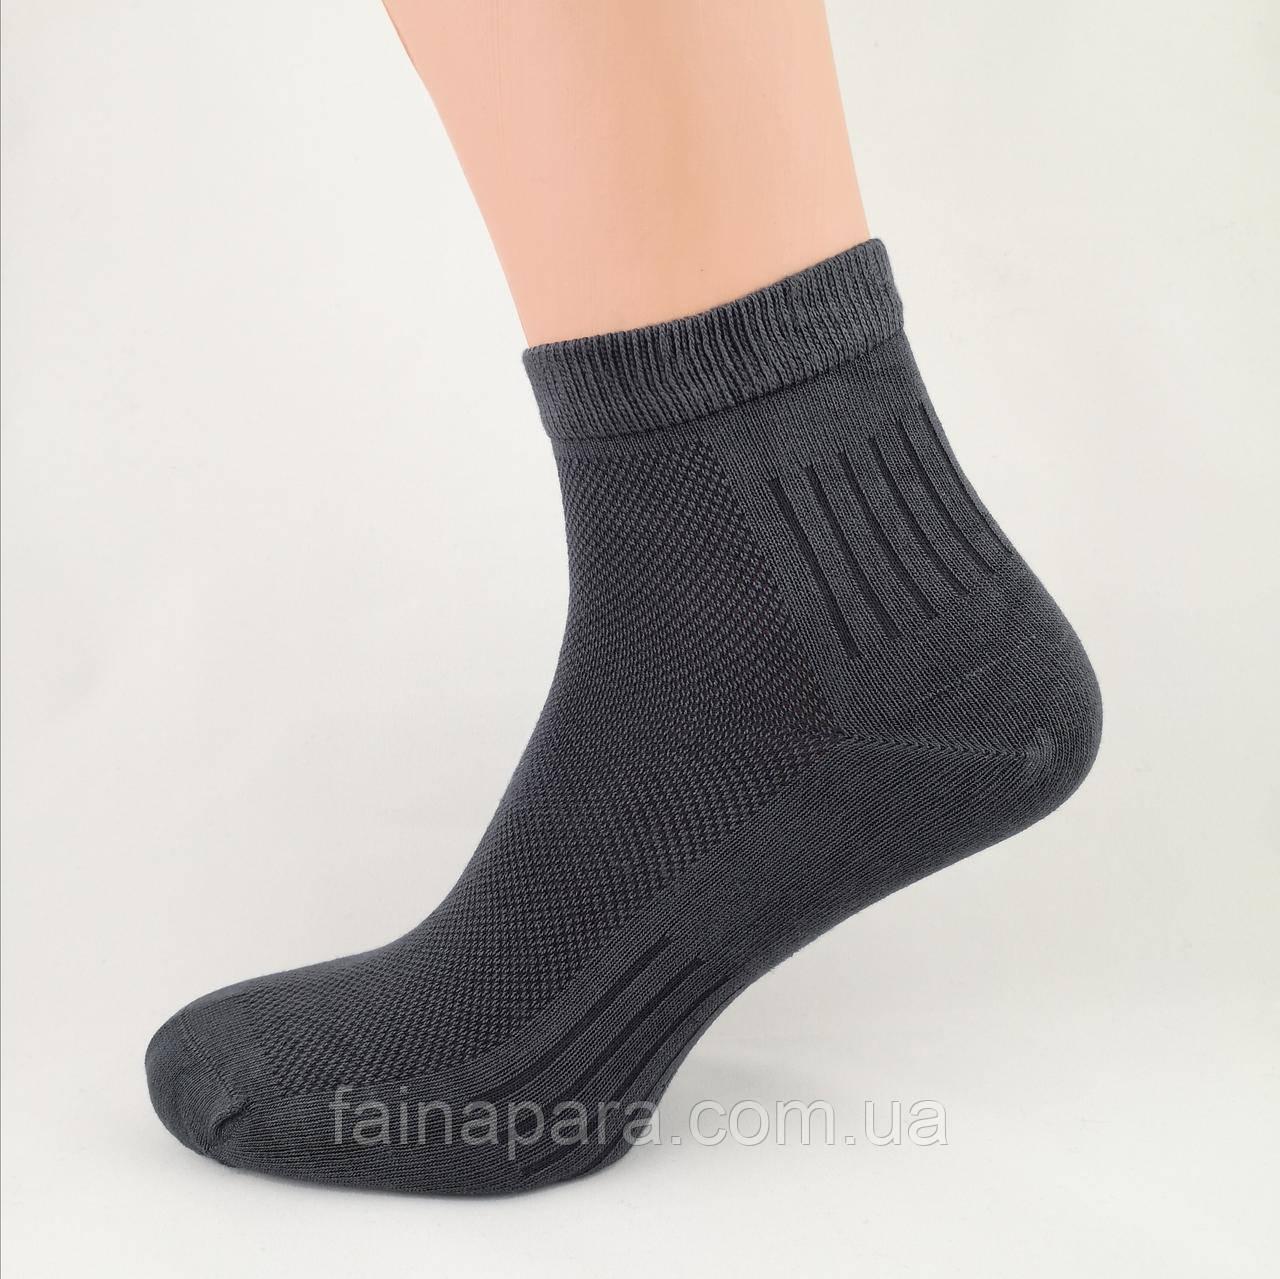 Бамбуковые мужские носки в сетку укороченные Calze More Турция